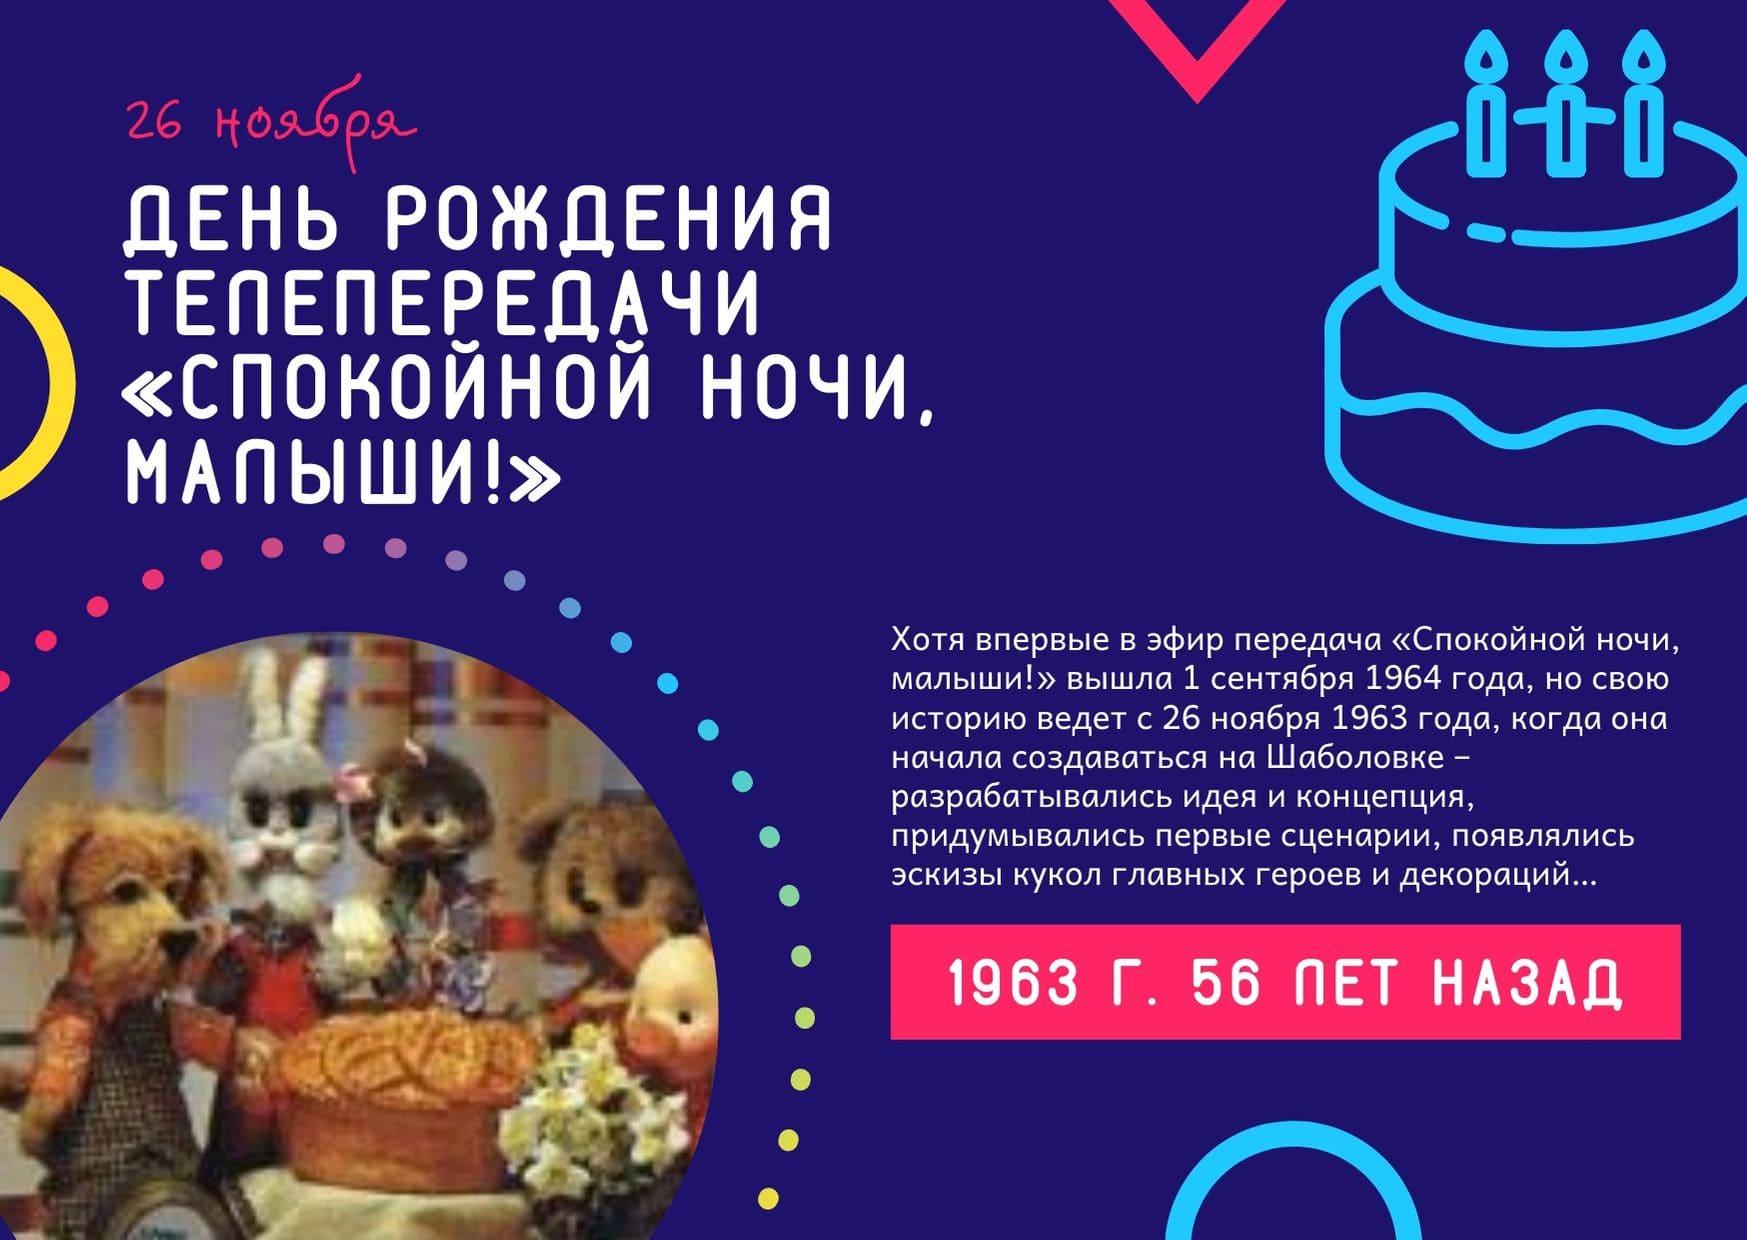 """День Рождения телепередачи """"Спокойной ночи, малыши!"""" 26 ноября"""